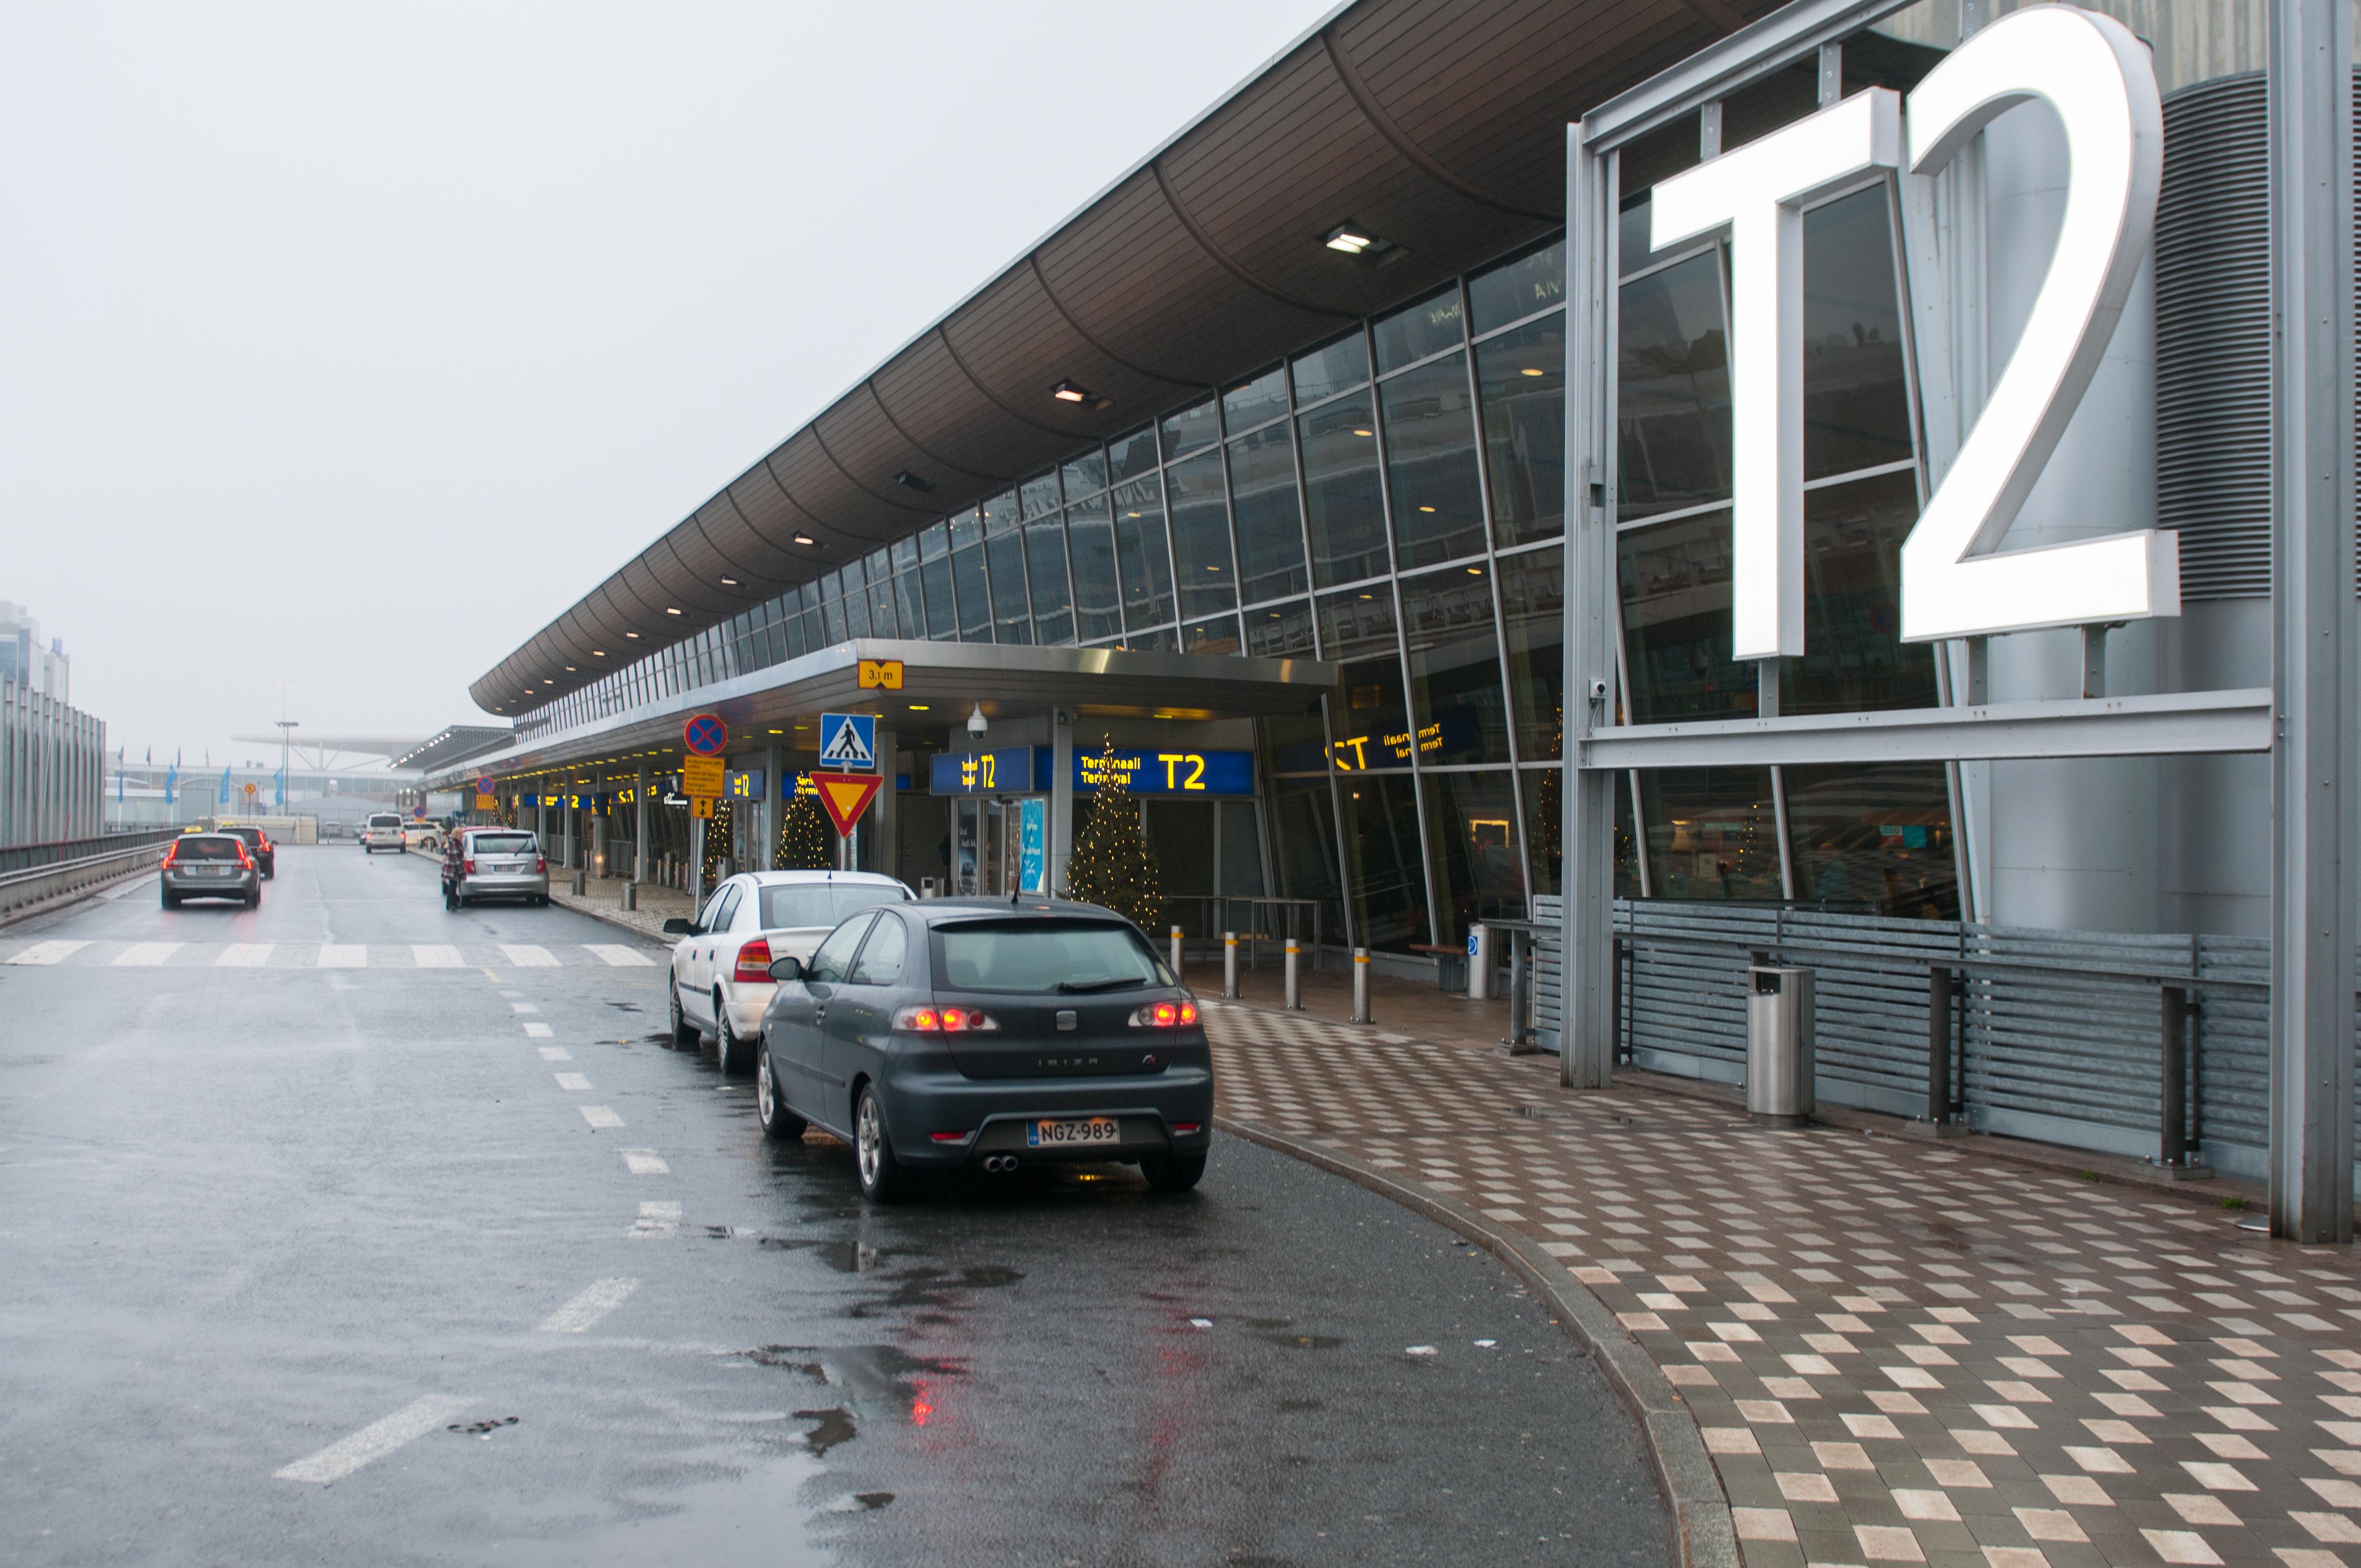 Saapuvat Lennot Helsinki